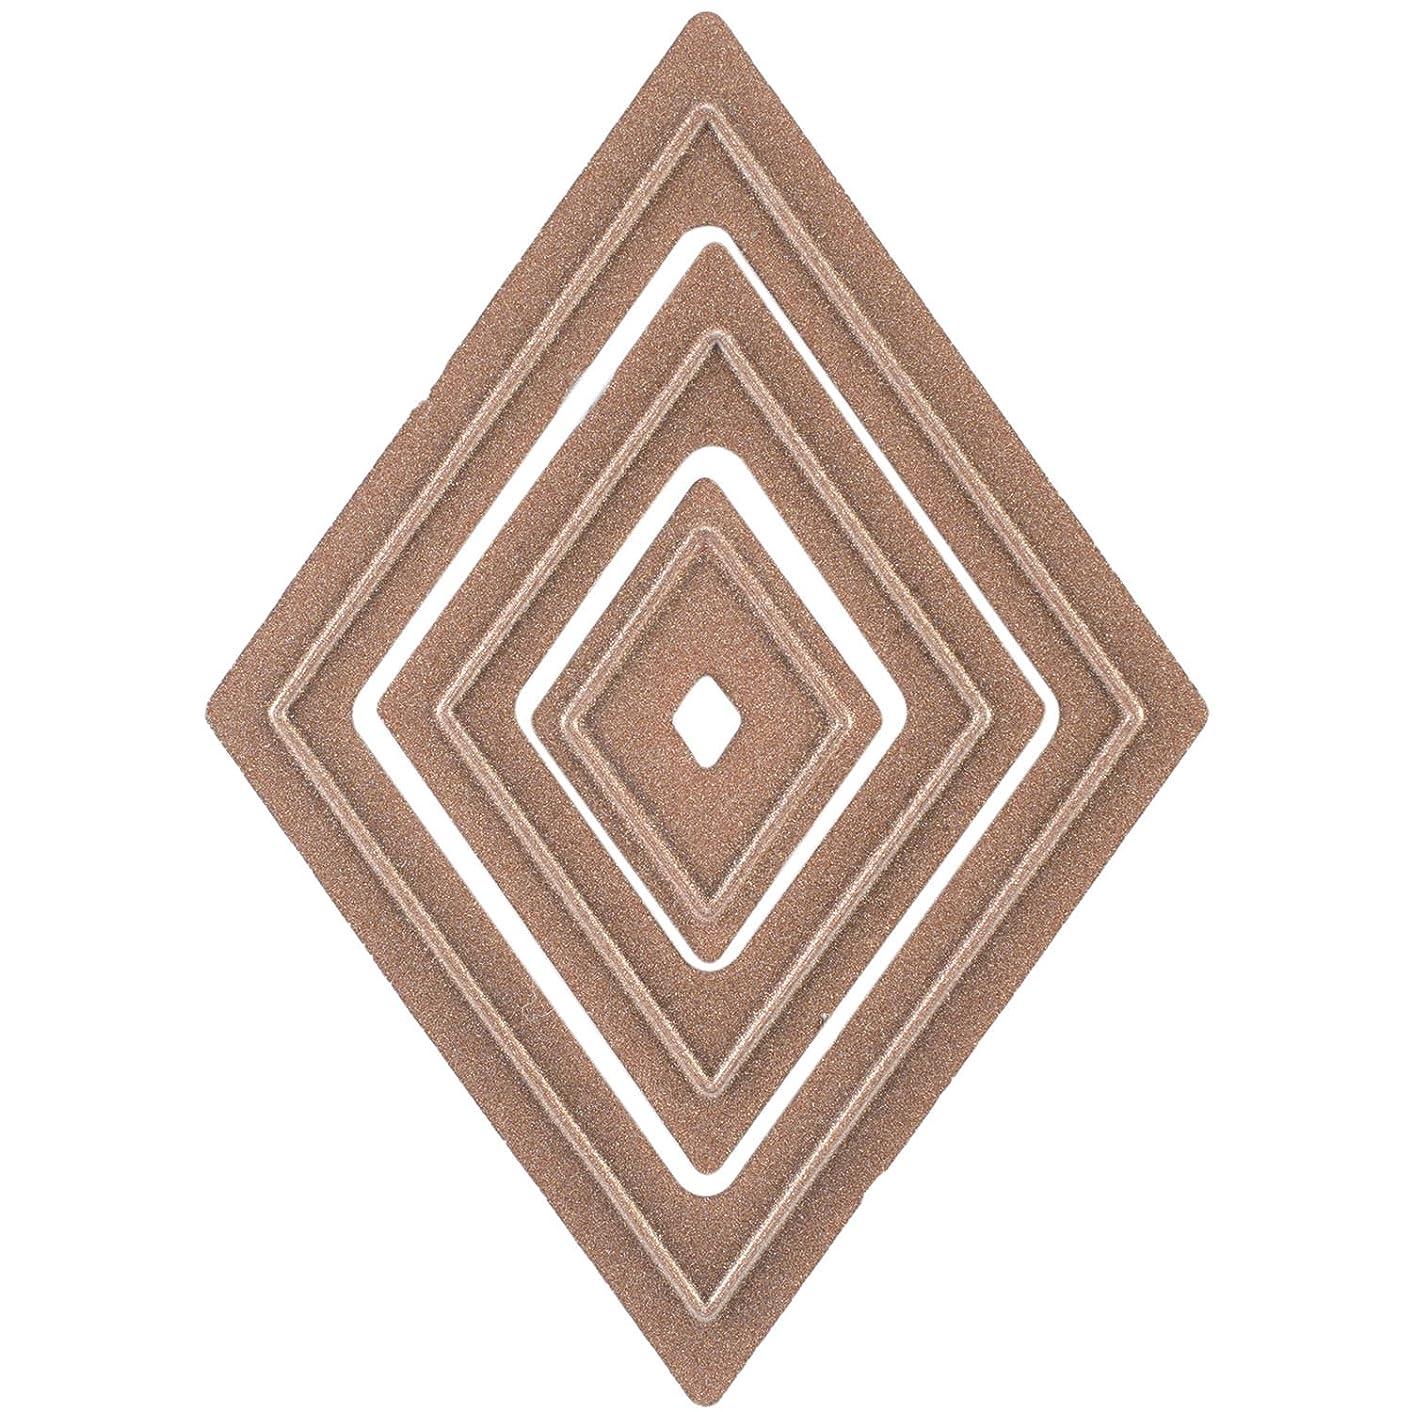 Spellbinders MD1-014 Media Mixage Diamonds One Die Template